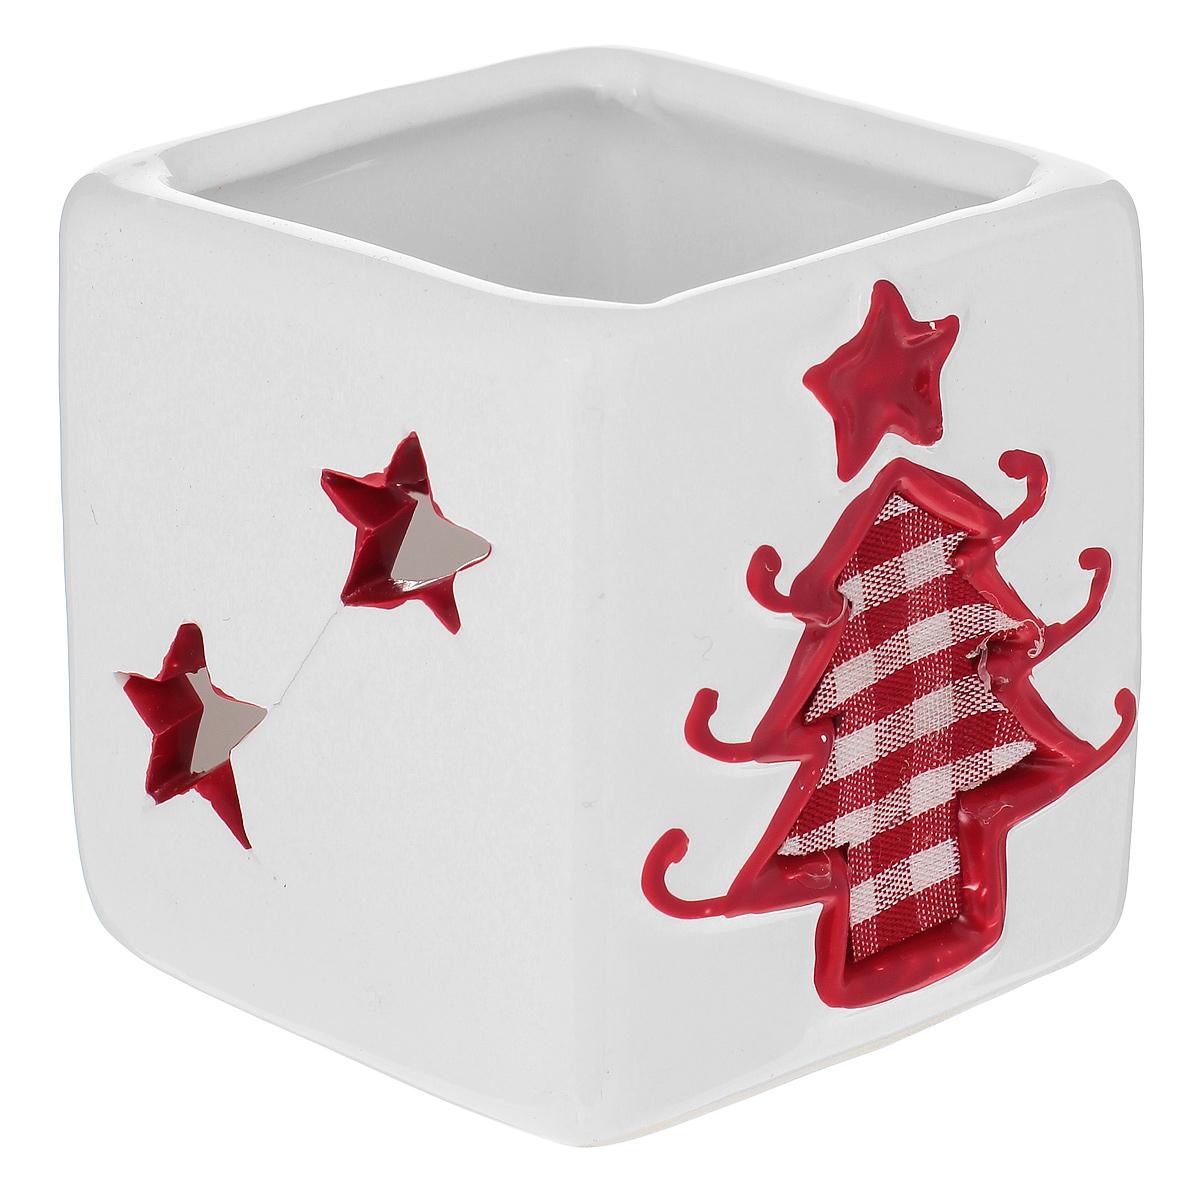 Новогодний подсвечник Елочка. 2679026790Новогодний подсвечник Елочка прекрасно подойдет для праздничного декора дома. Подсвечник выполнен из глазурованной керамики белого цвета и украшен рельефным изображением елочки. Благодаря перфорации в виде звездочек, свет, подсвечник будет светиться как бы изнутри. Новогодние аксессуары помогут создать в доме незабываемую праздничную атмосферу. Они несут в себе волшебство и красоту праздника. Материал: керамика, текстиль.